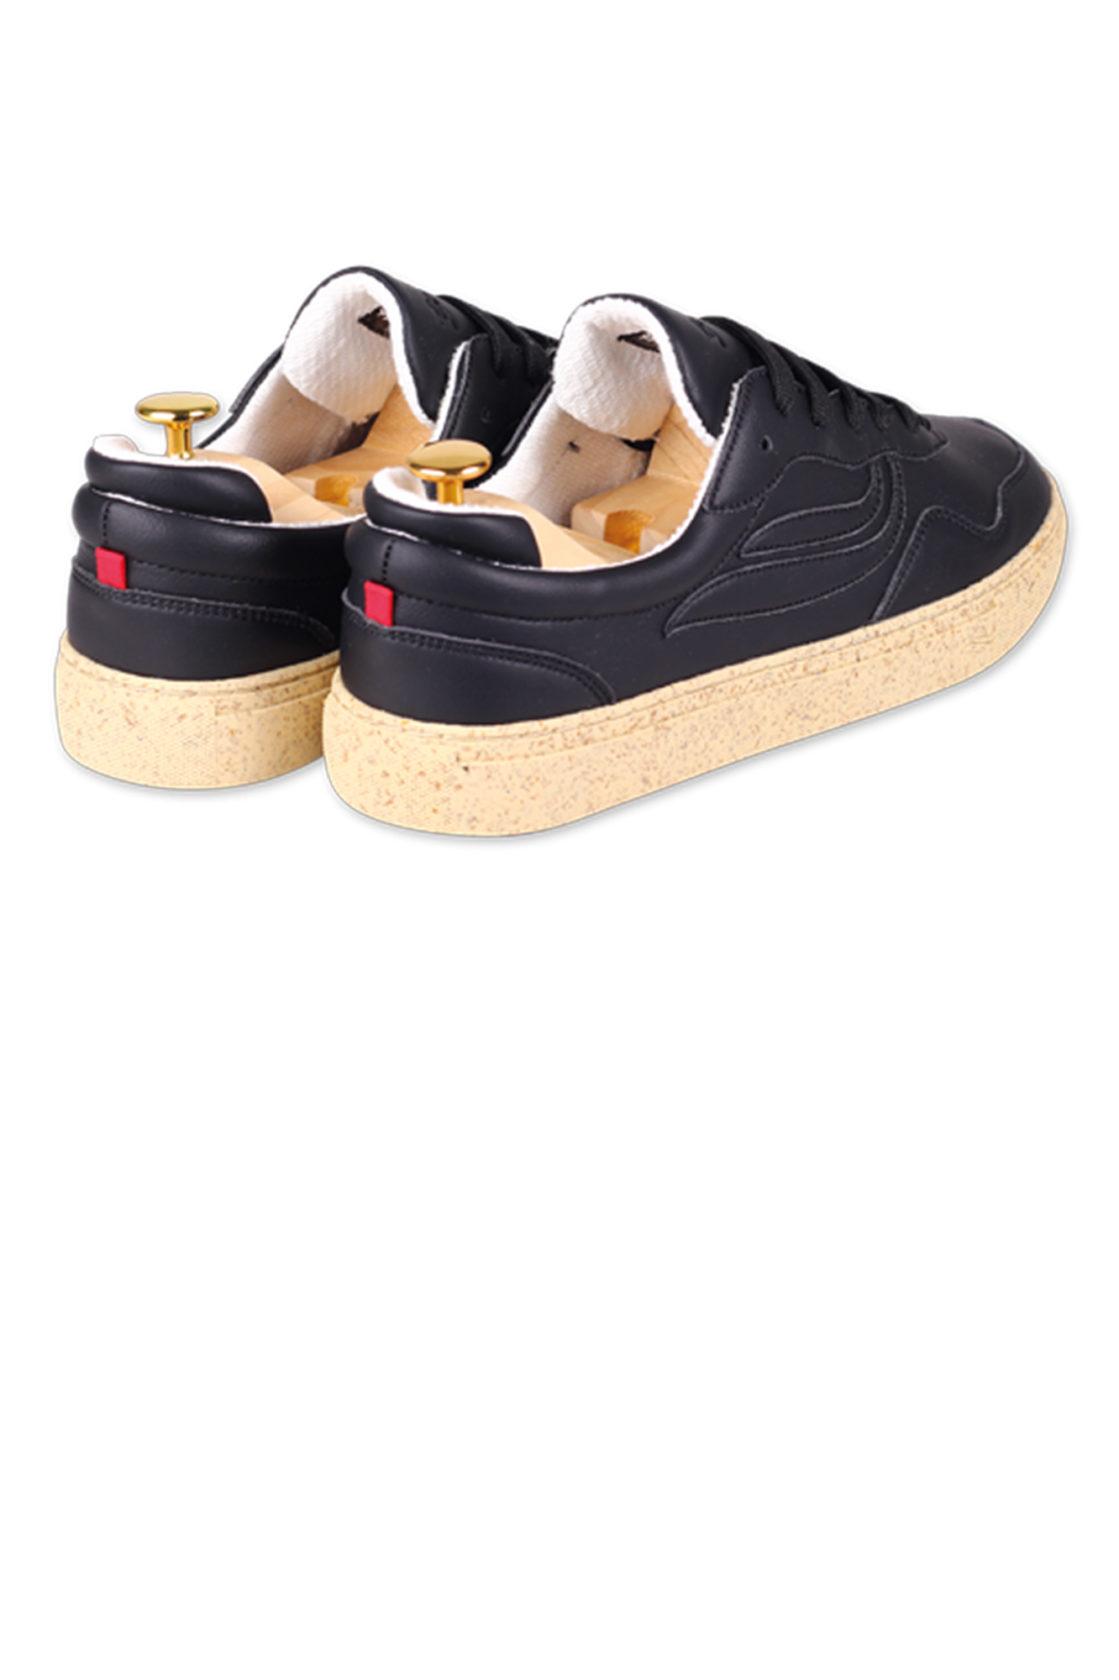 Genesis Soley N Pelle Eco Black Black (2)